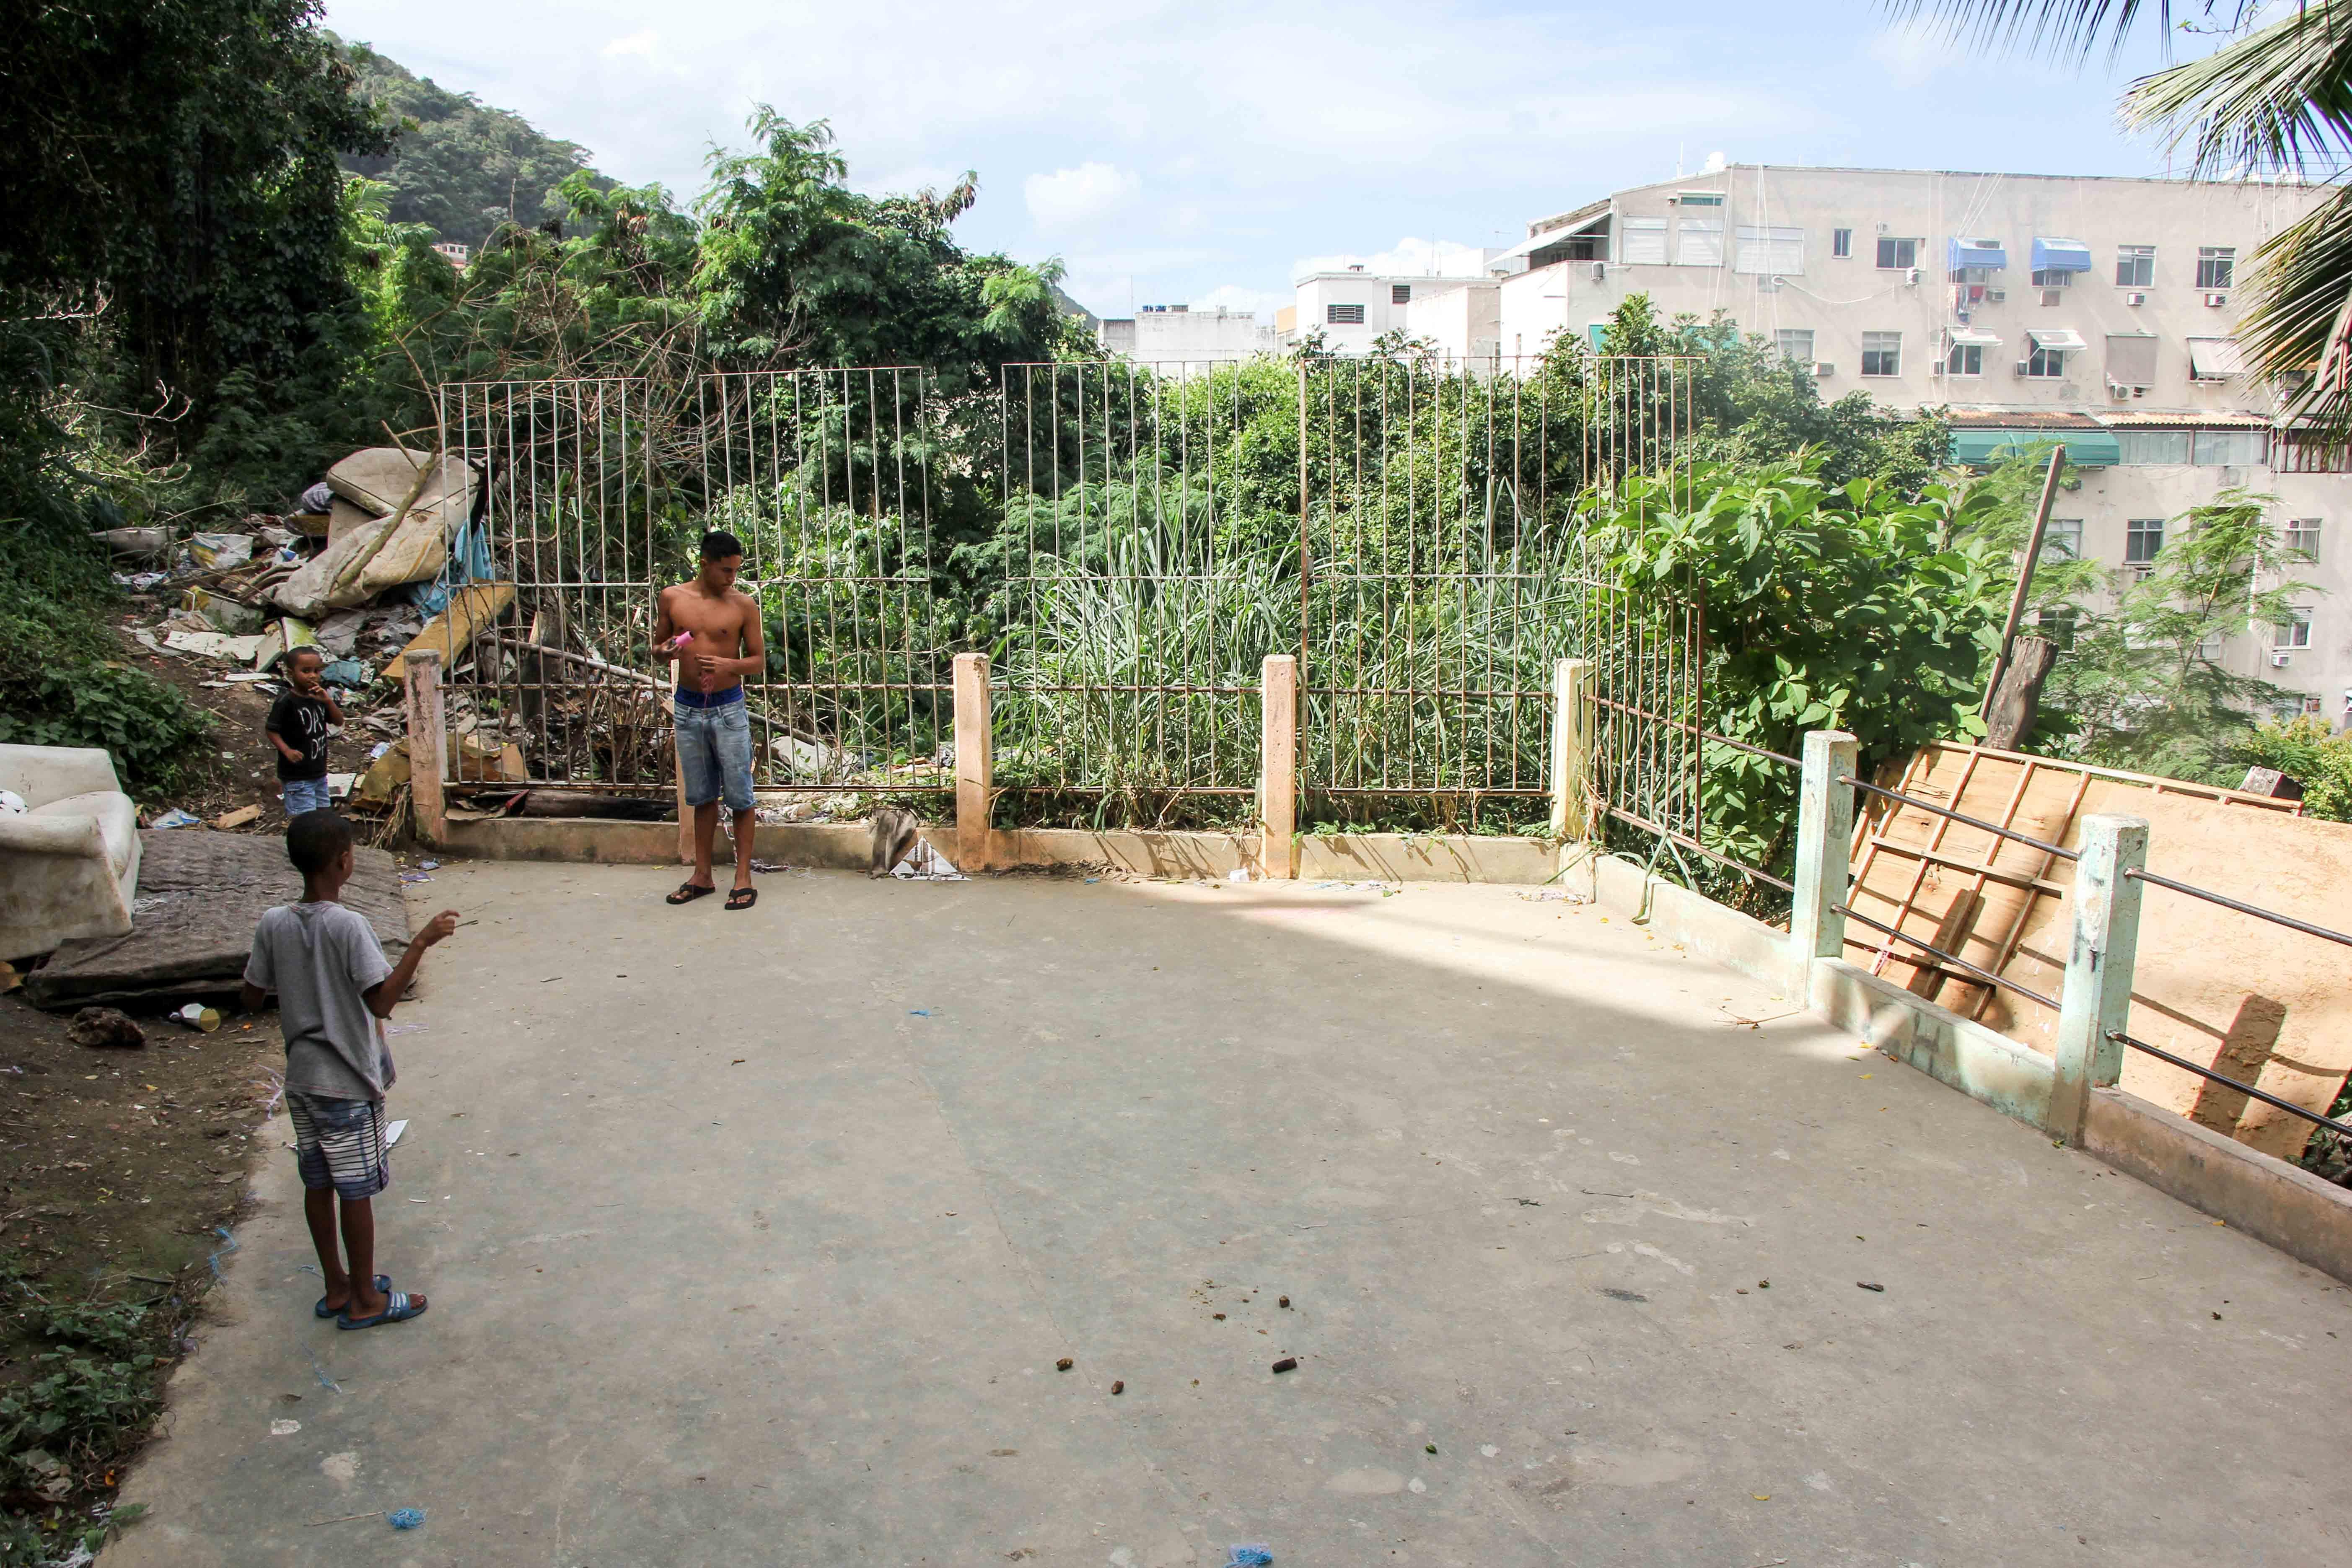 Associação de moradores quer construir uma nova praça no Morro da Babilônia